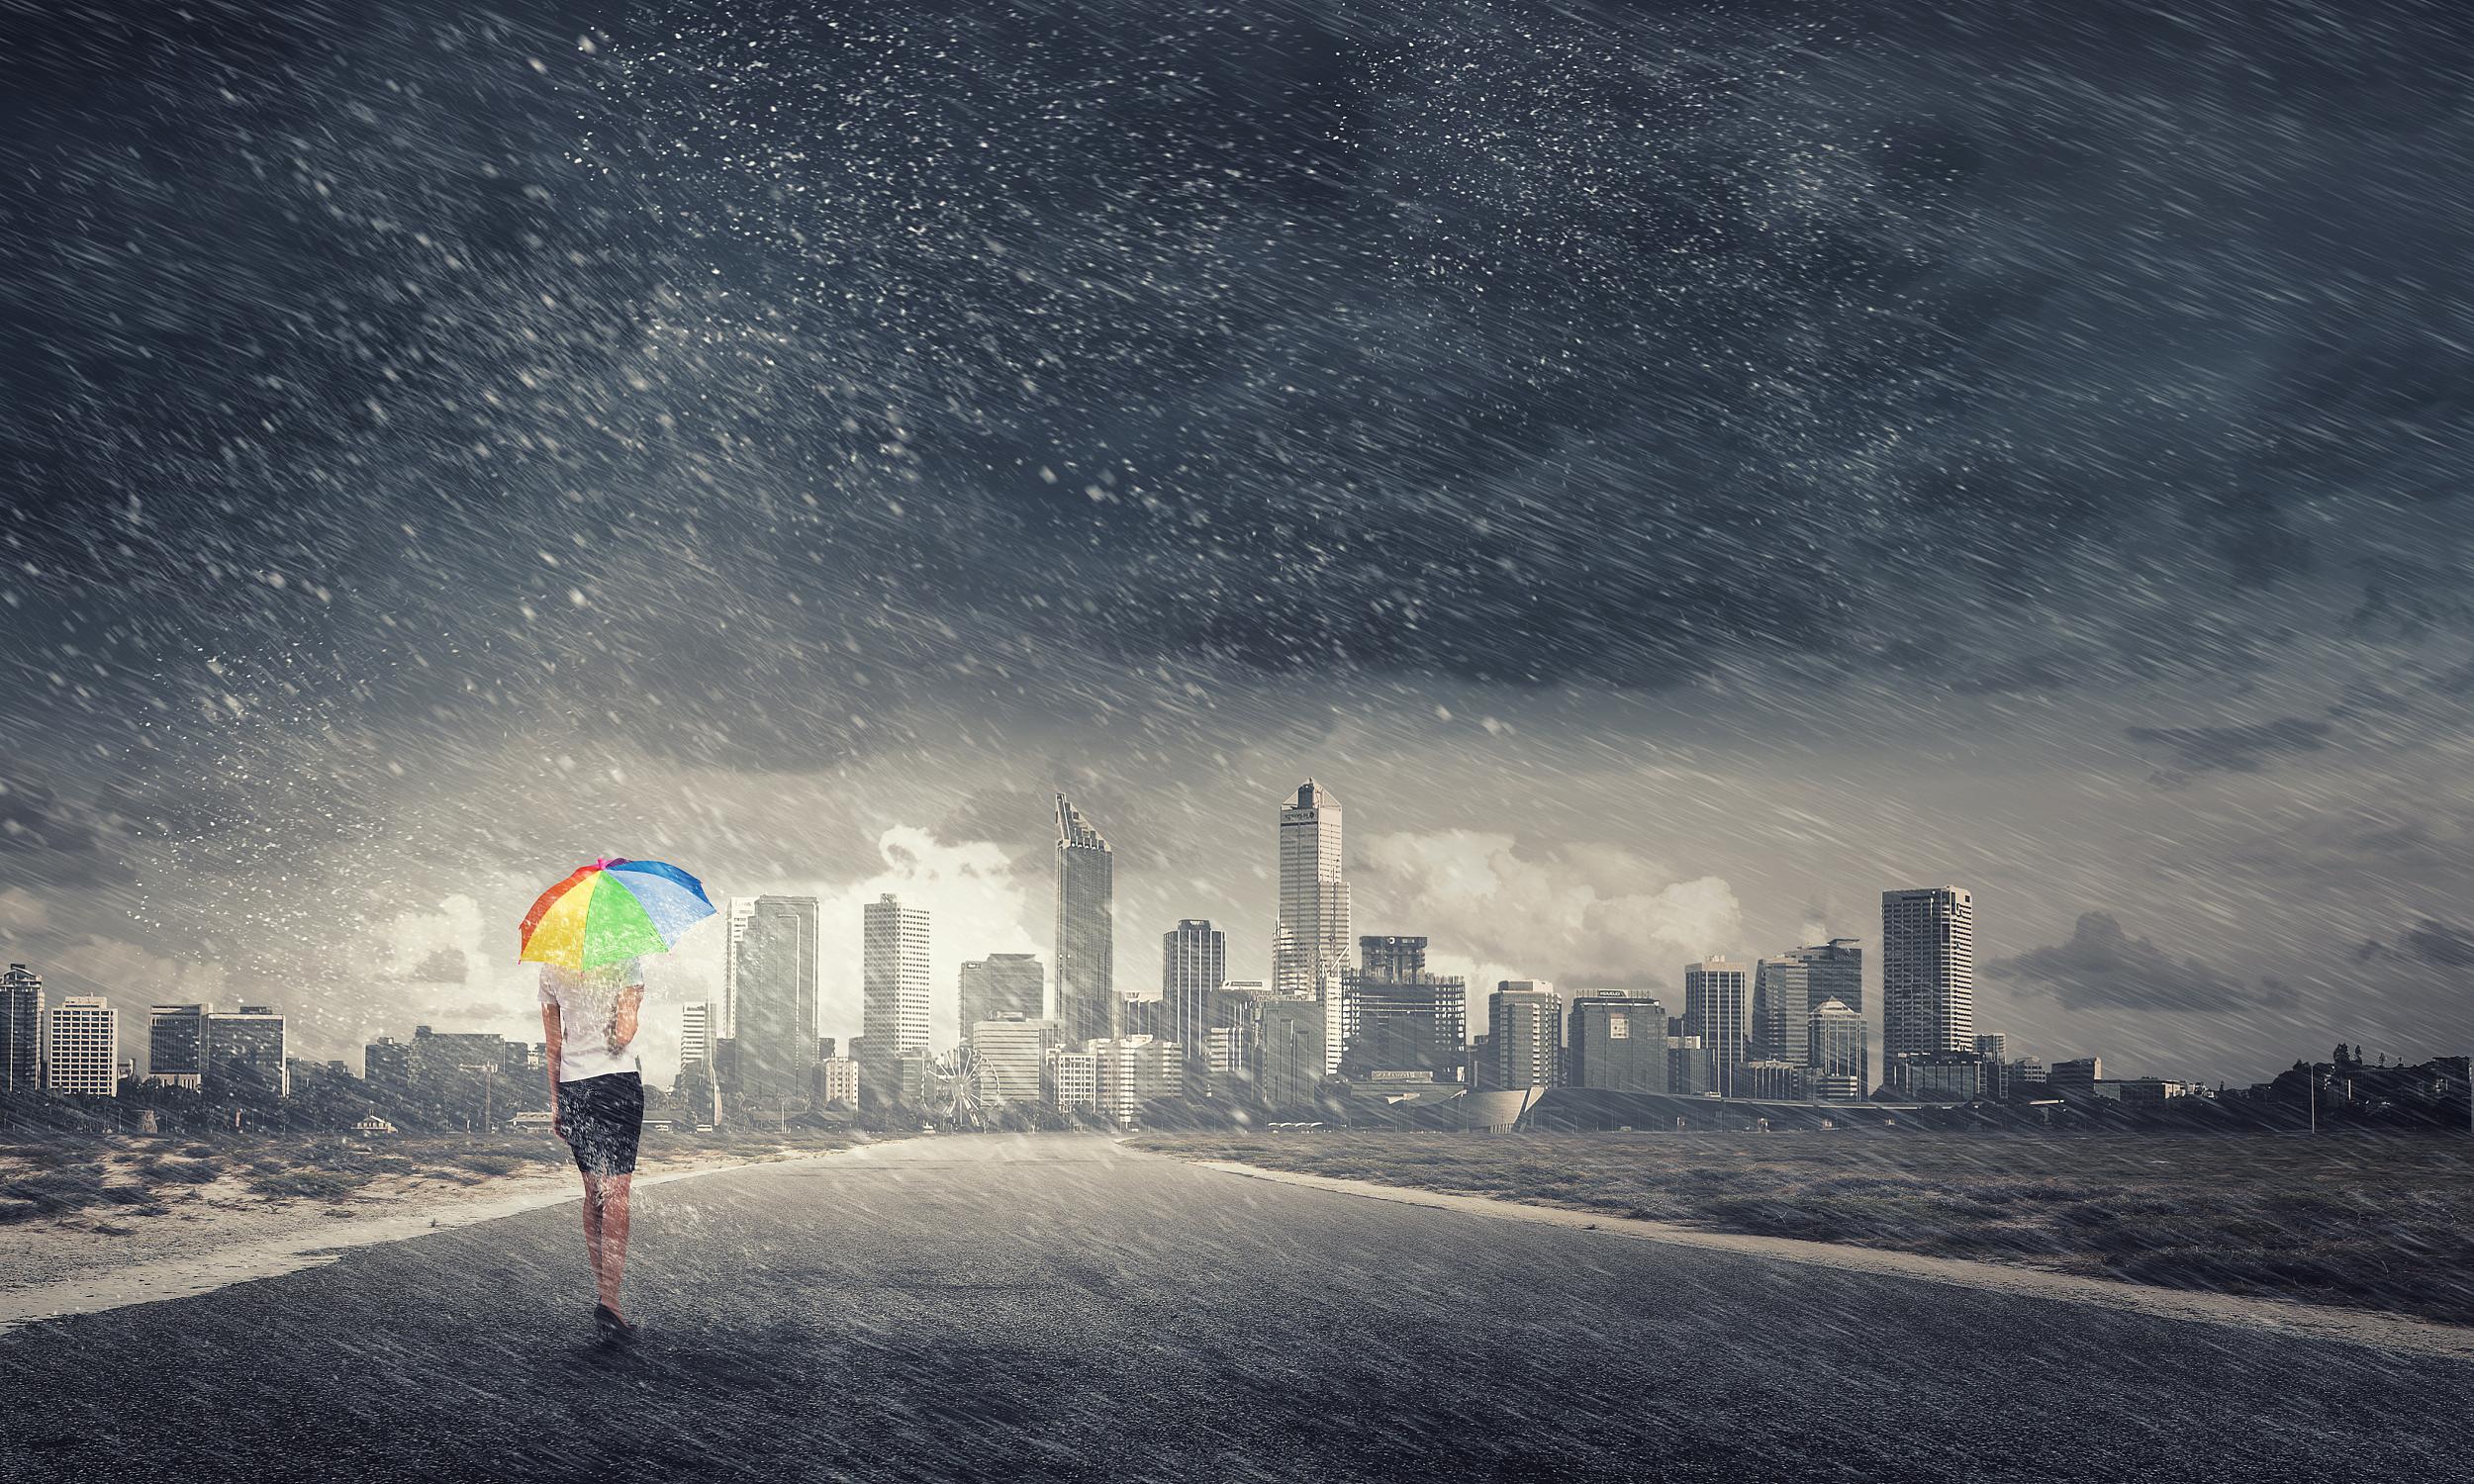 经济 寒潮、干旱、暴雨......全球极端天气频发,市场影响几何?